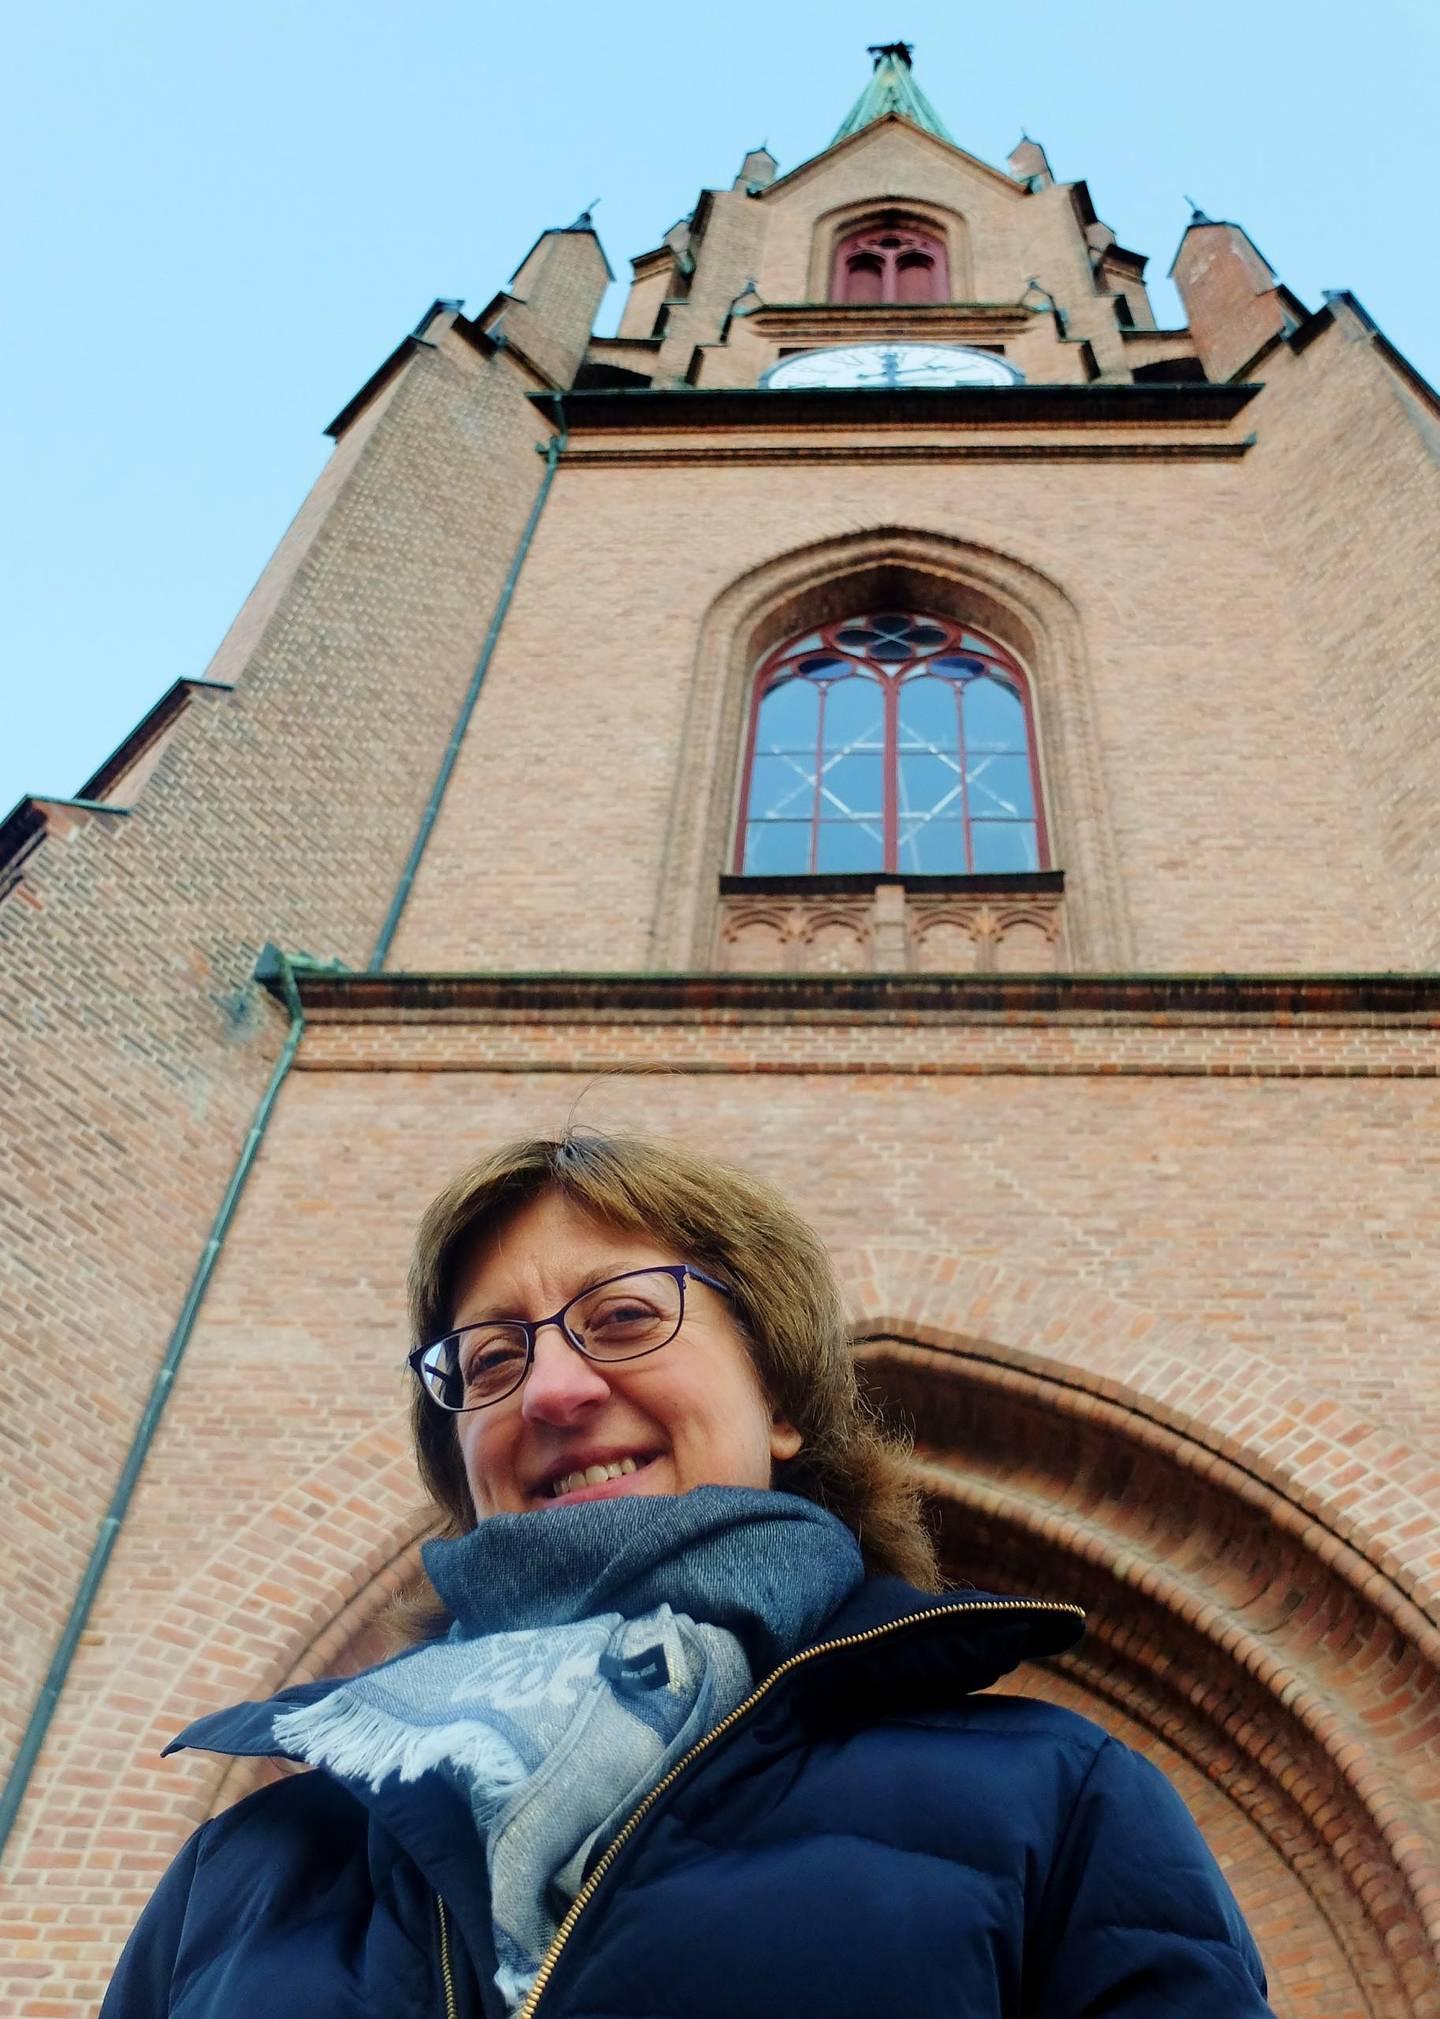 *** Local Caption *** Kantor Beate Strømme Fevang i Bragernes kirke er sammen med mannen Jørn Fevang primus motor for den årlige Adventsfestivalen i Drammen. Konserter i flere kirker strekker seg gjennom desember måned. FOTO: KATRINE STRØM